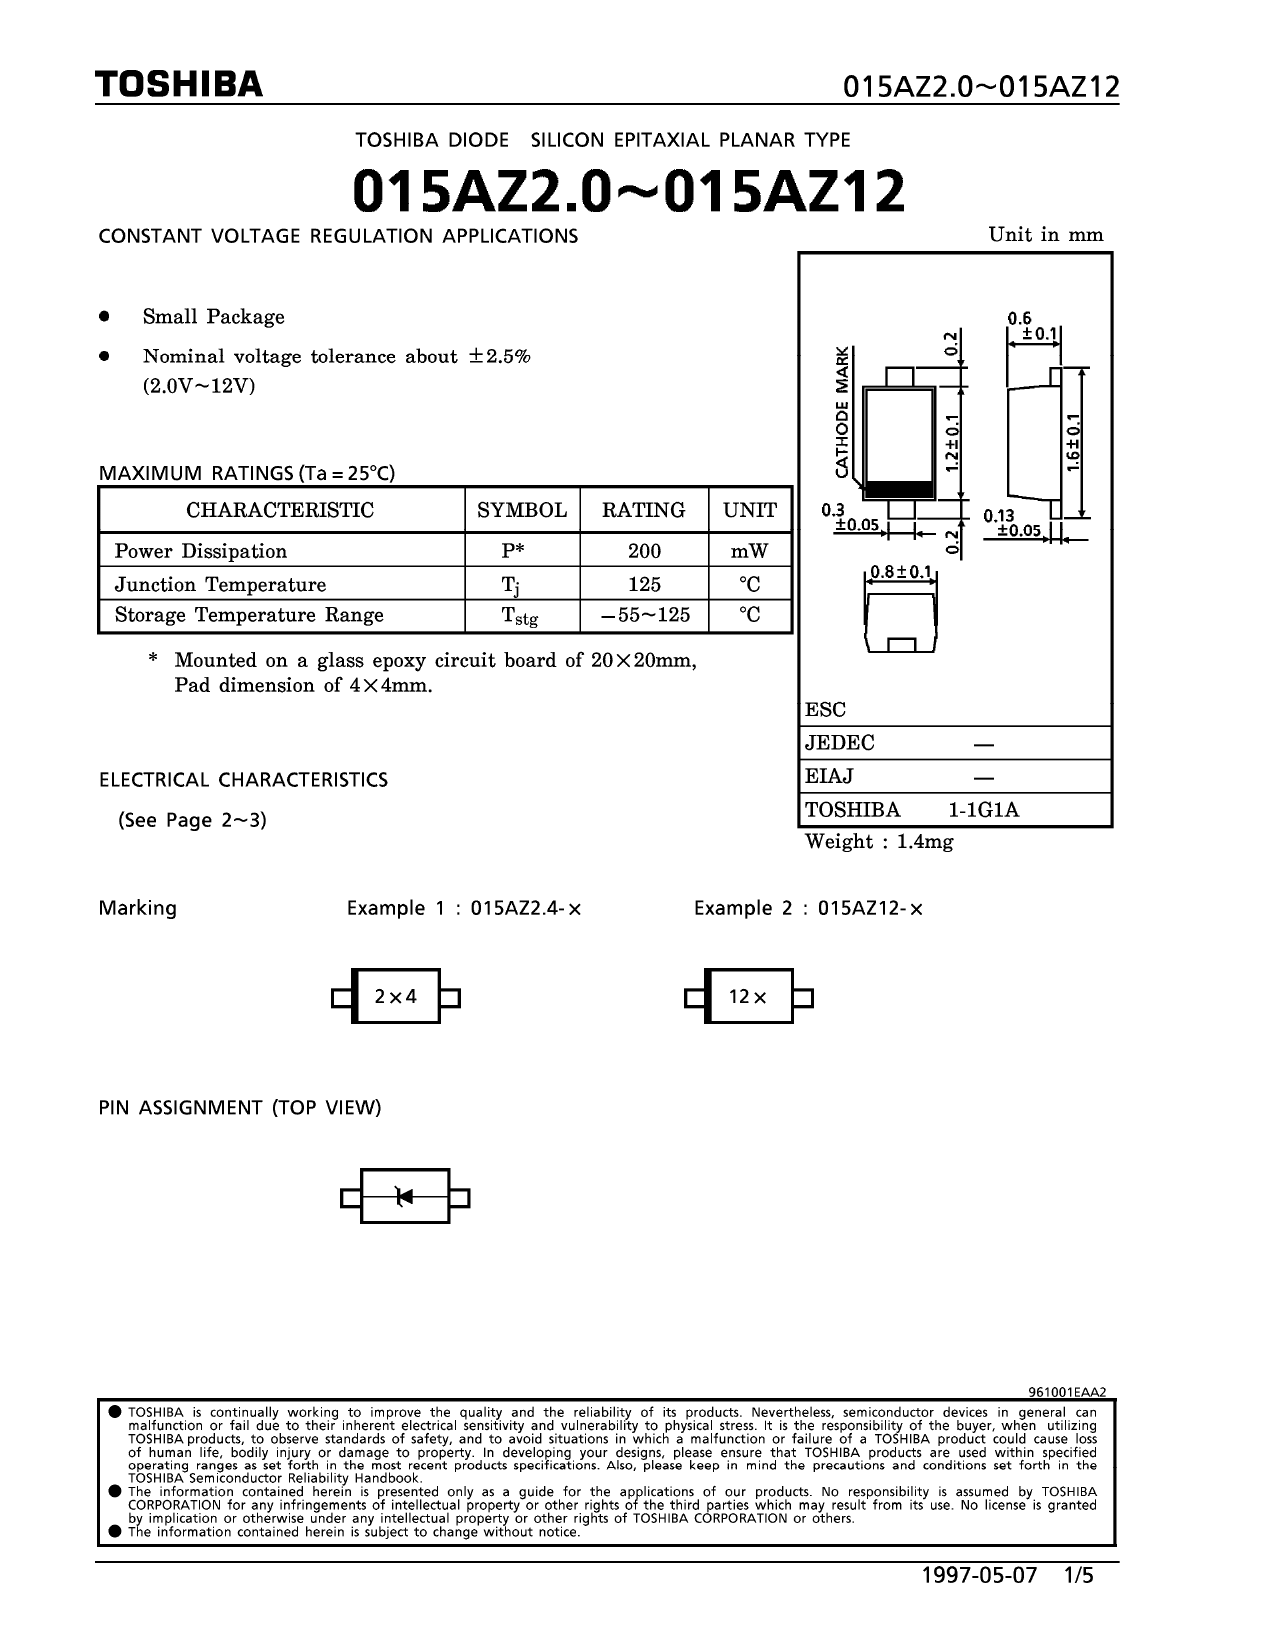 015A3.6 datasheet